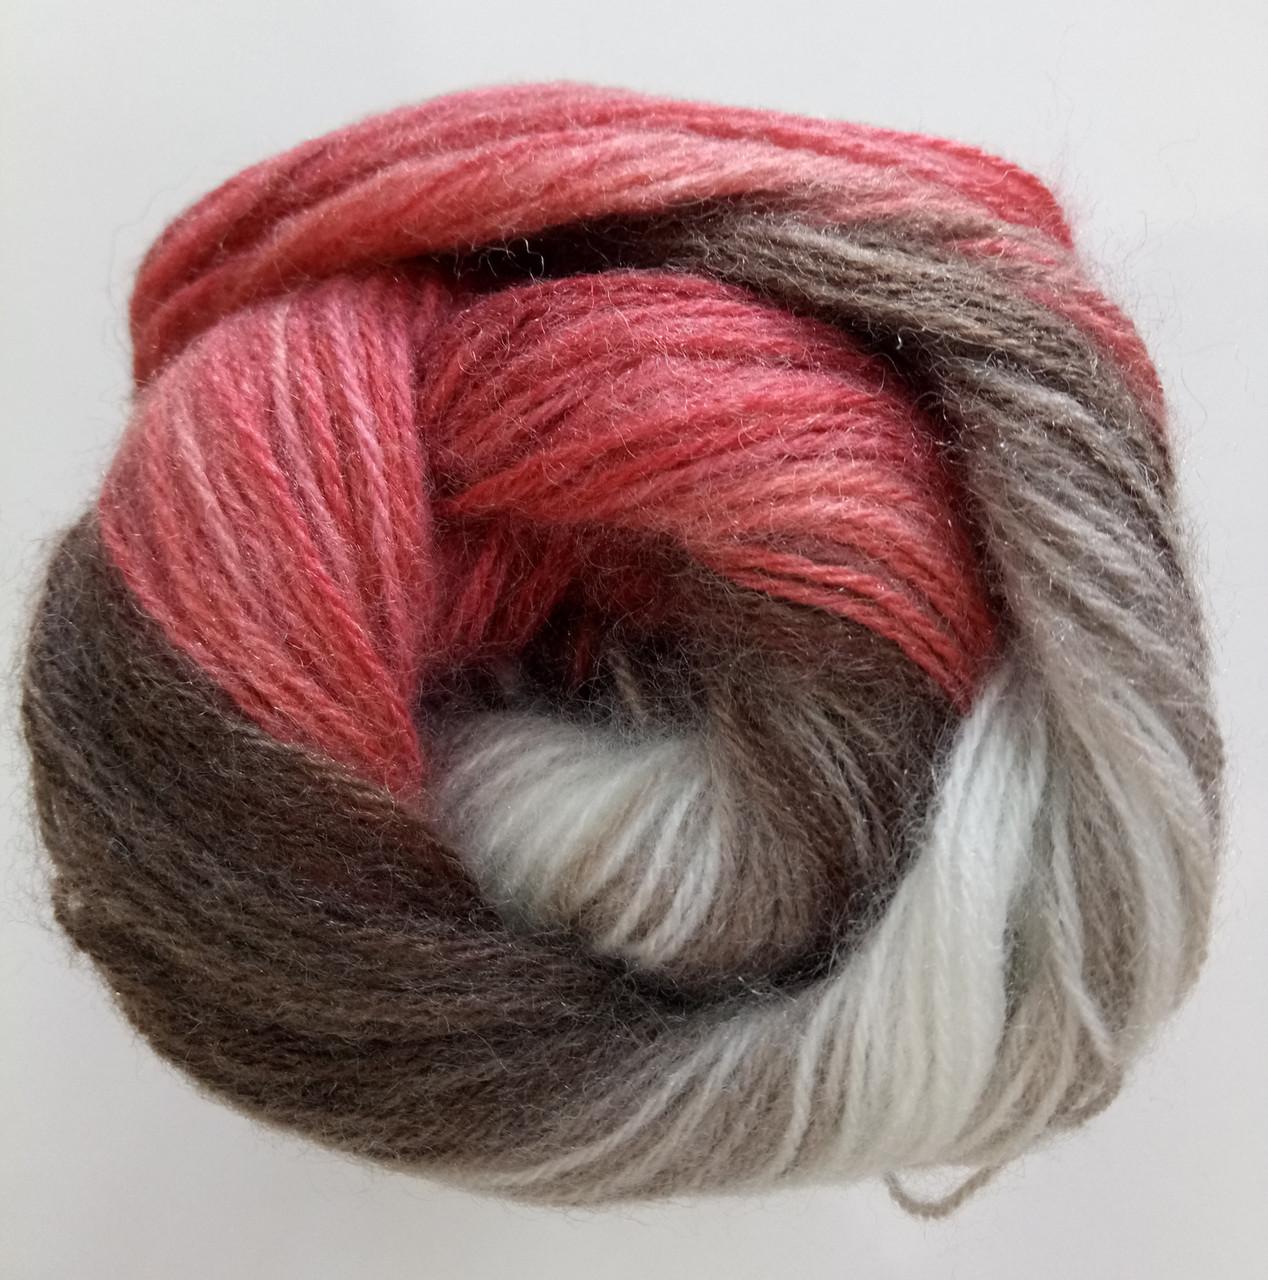 Пряжа для вязания Ангора голд батик ALIZE код 1984